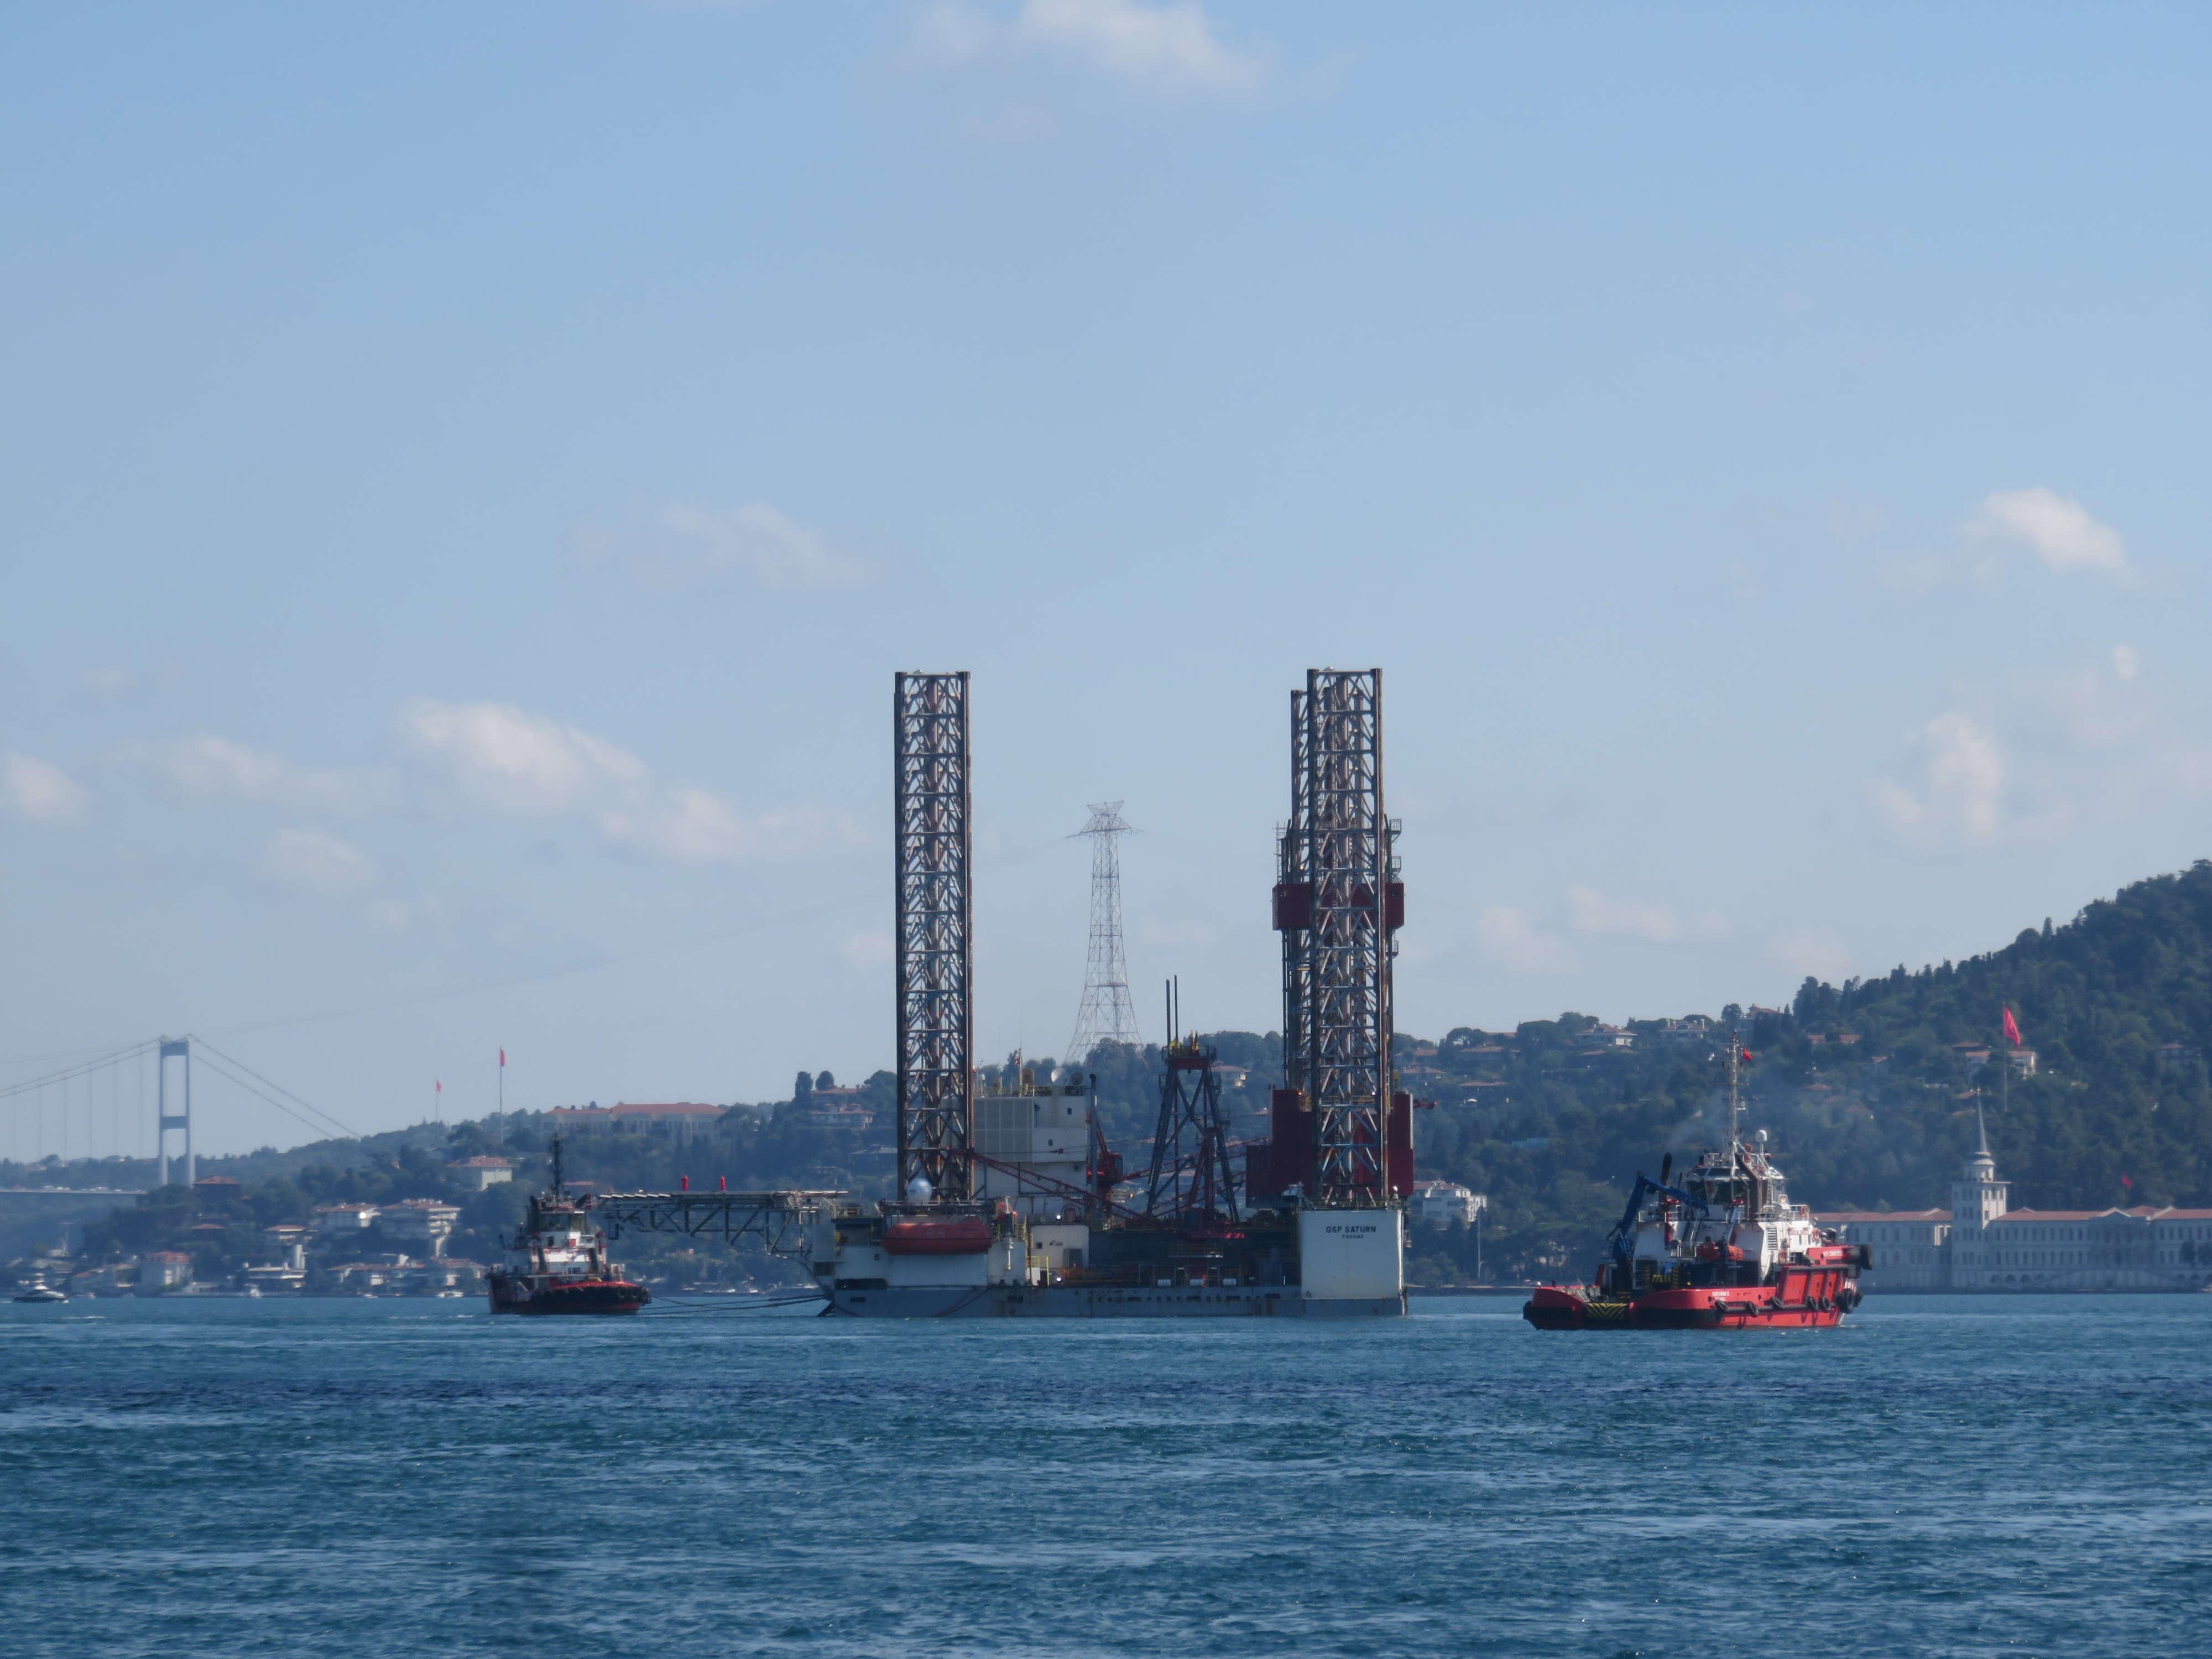 dev-petrol-platformu-istanbul-bogazindan-geciyor-1-8647-dhaphoto4.jpg